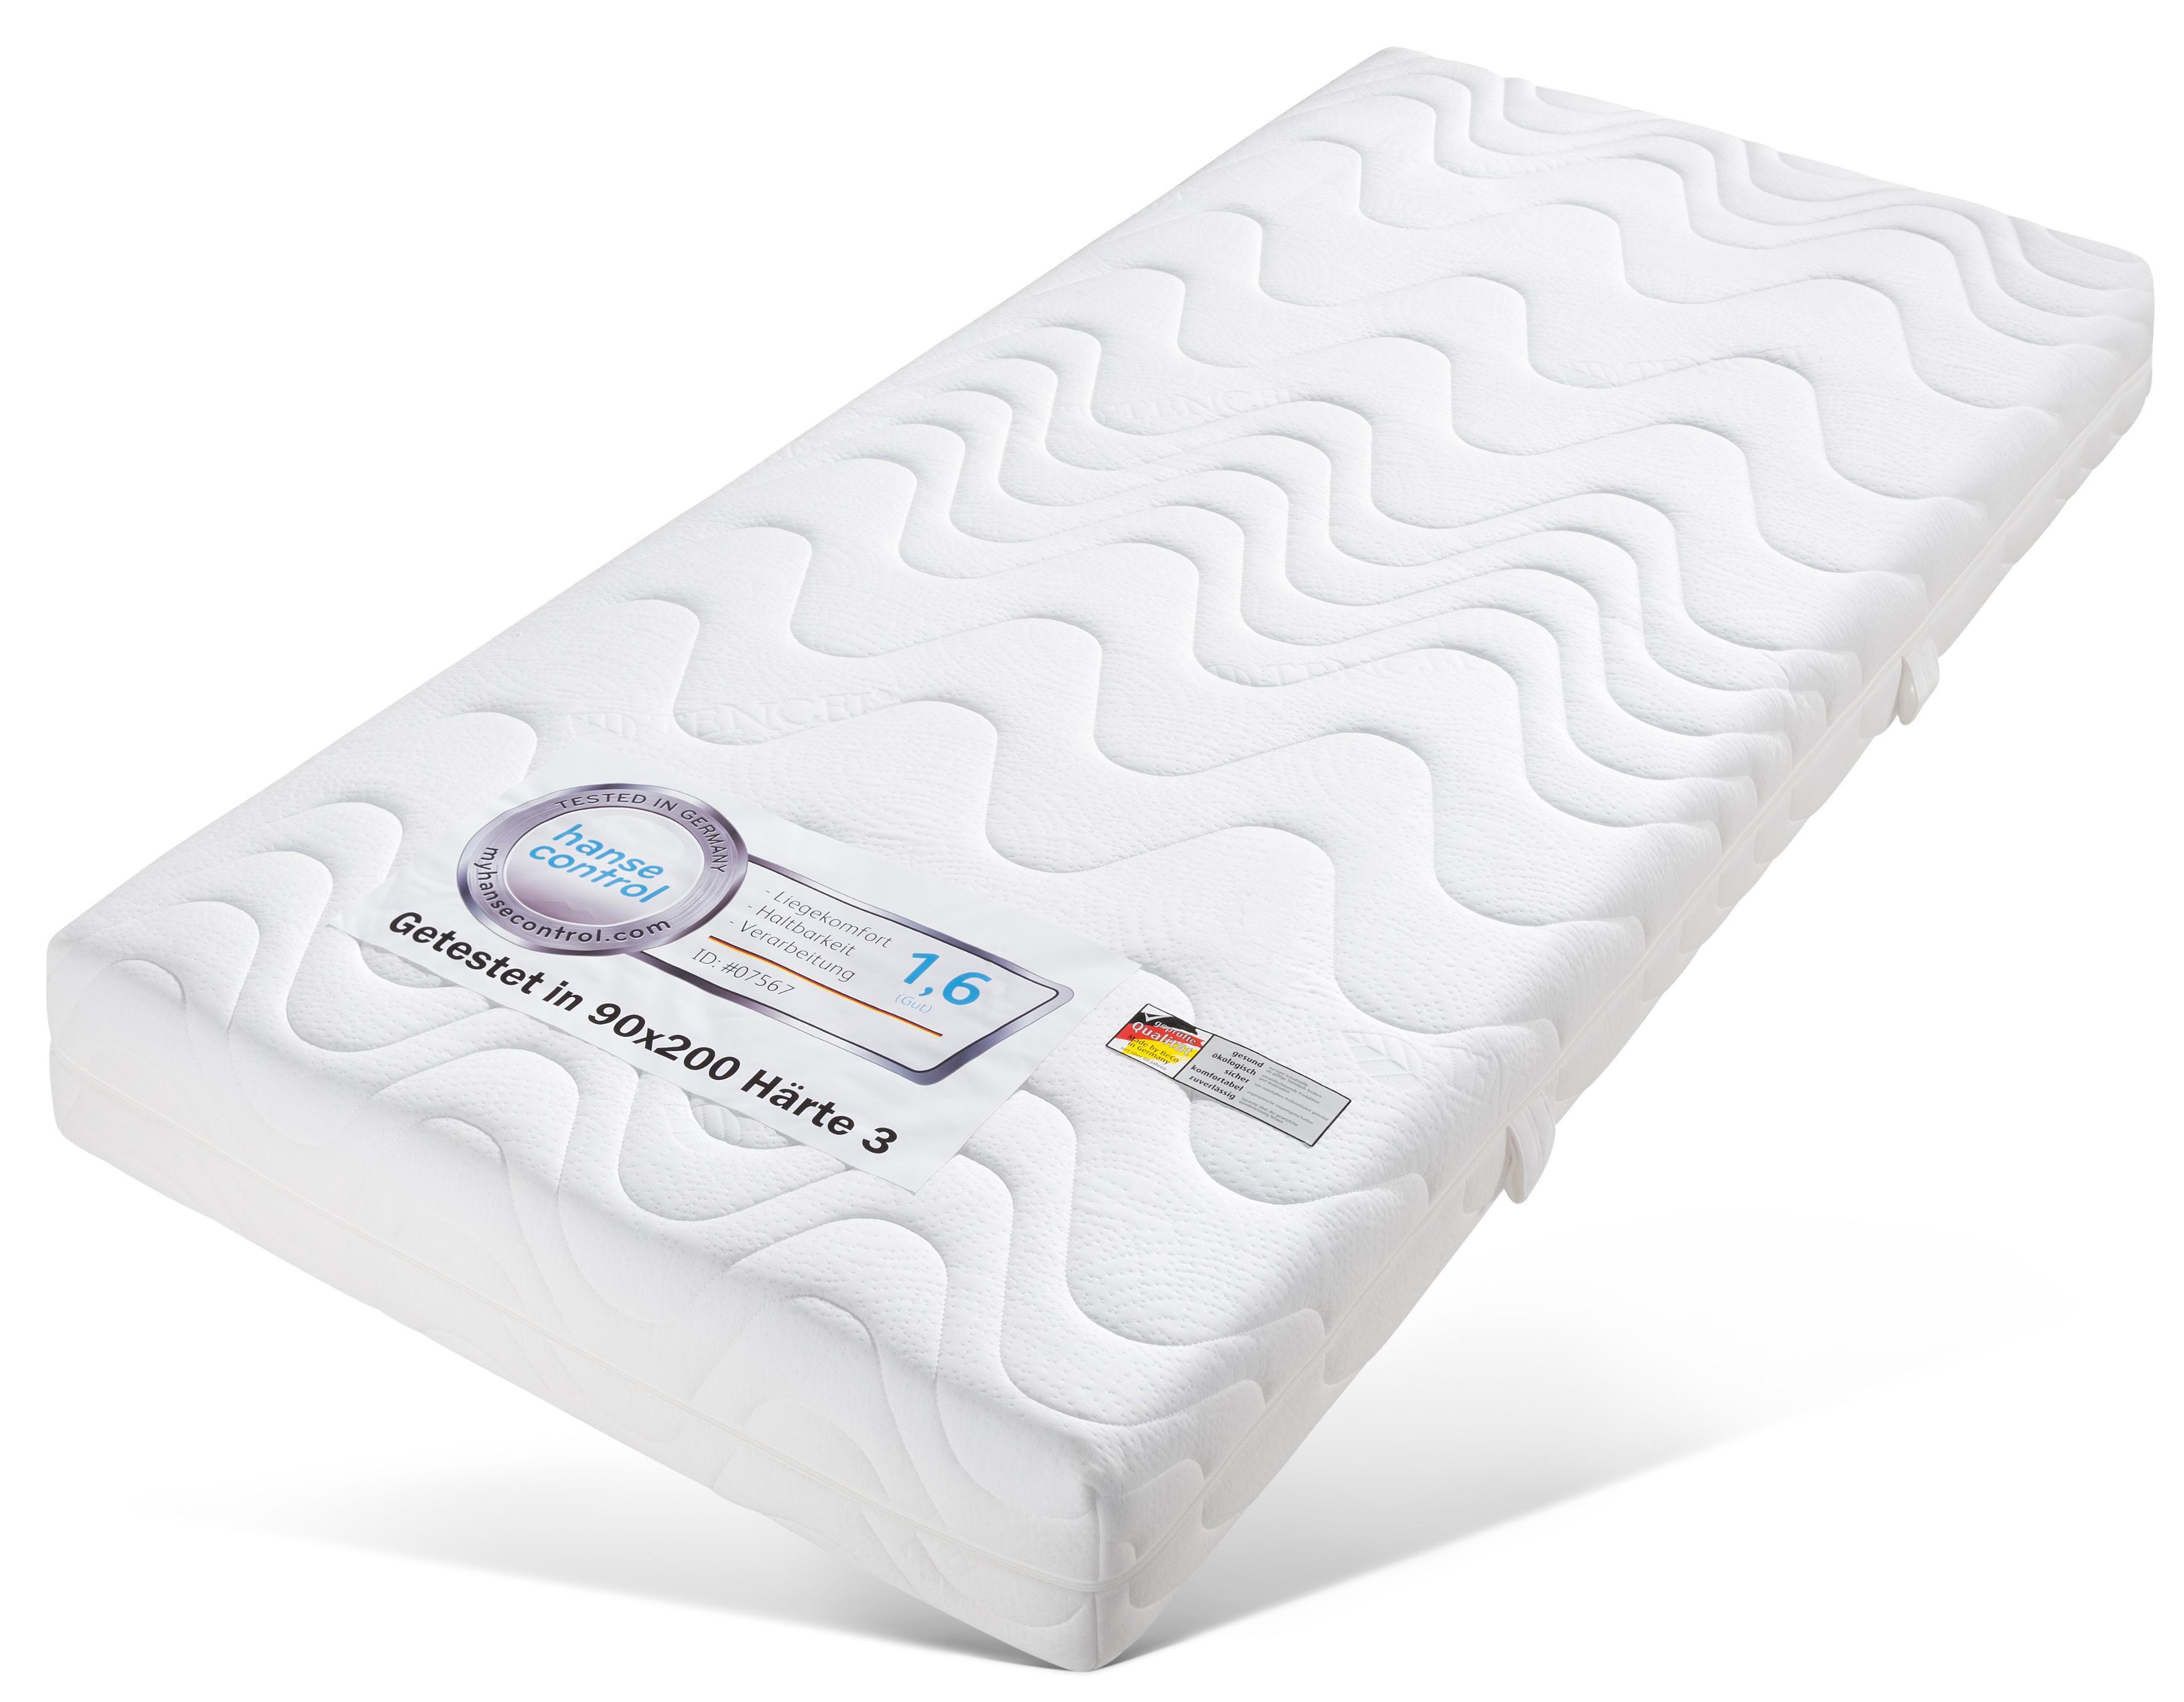 Taschenfederkernmatratze Pro Gel Perfect TFK OTTO products 22 cm hoch